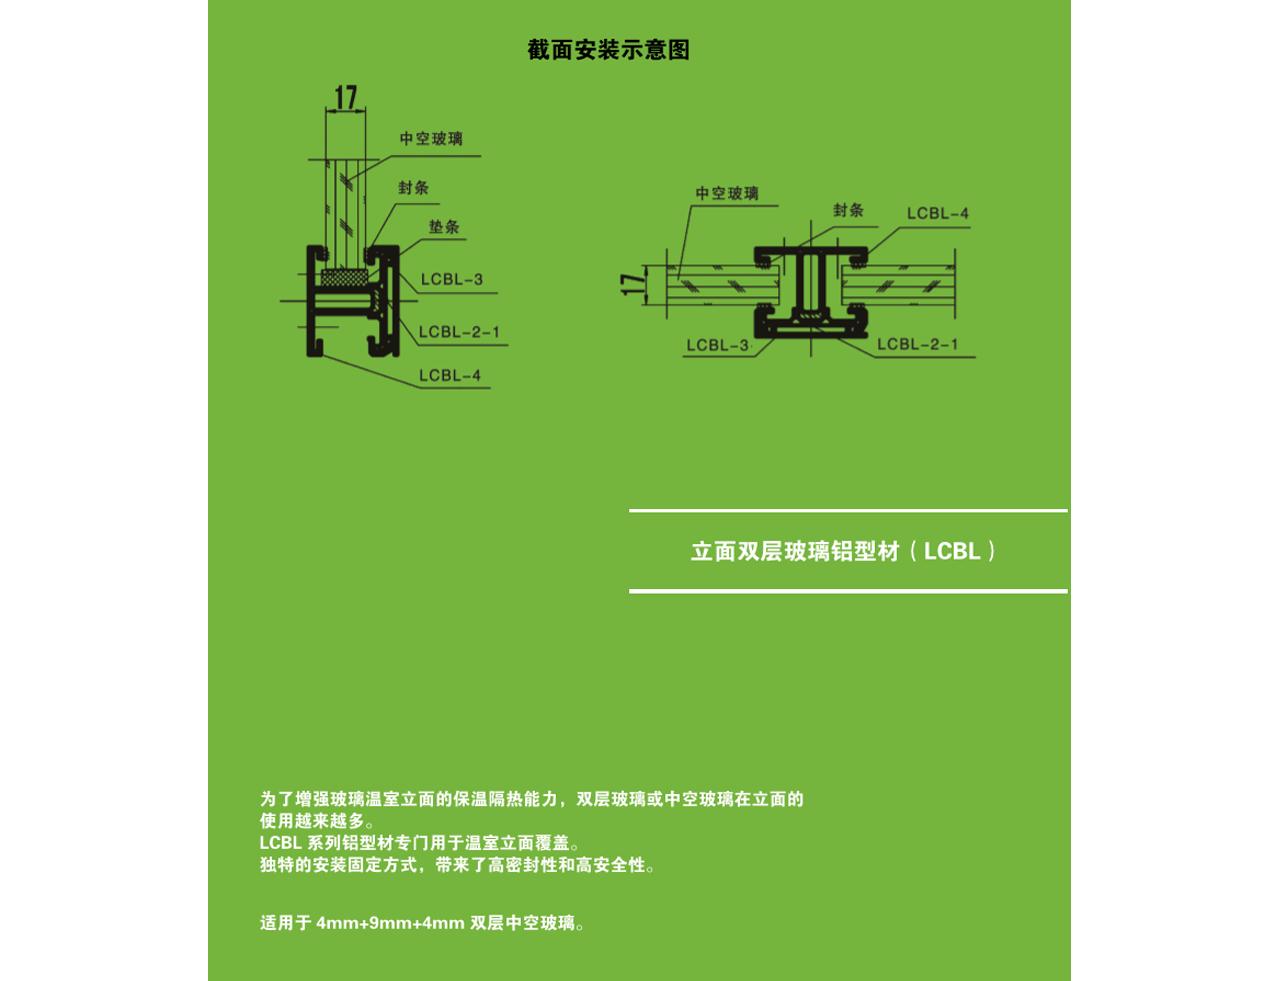 立面双层玻璃铝型材(LCBL)(北京华农) 照片